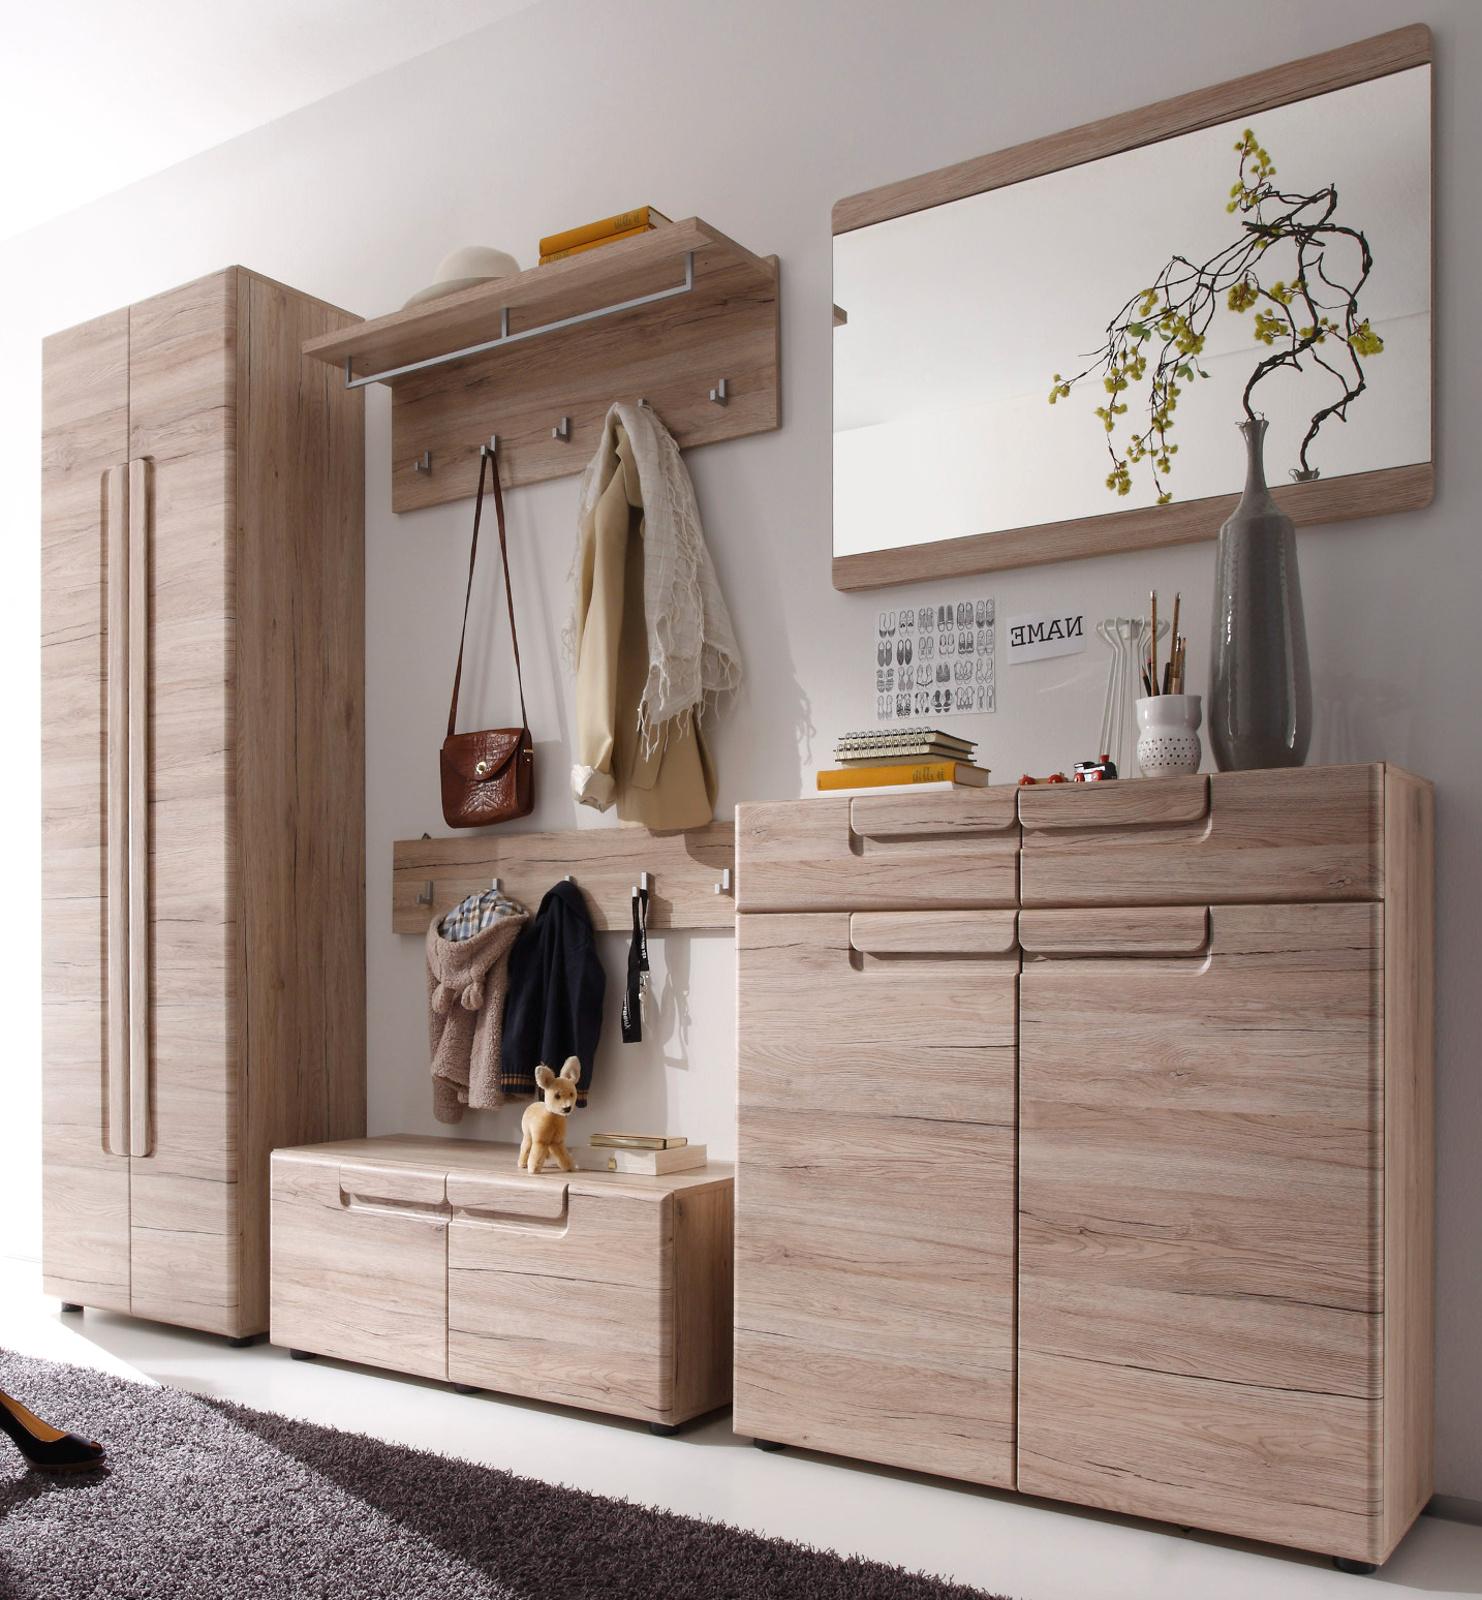 garderoben set mit sitzbank flur diele garderobe in eiche san remo 6 tlg mal. Black Bedroom Furniture Sets. Home Design Ideas